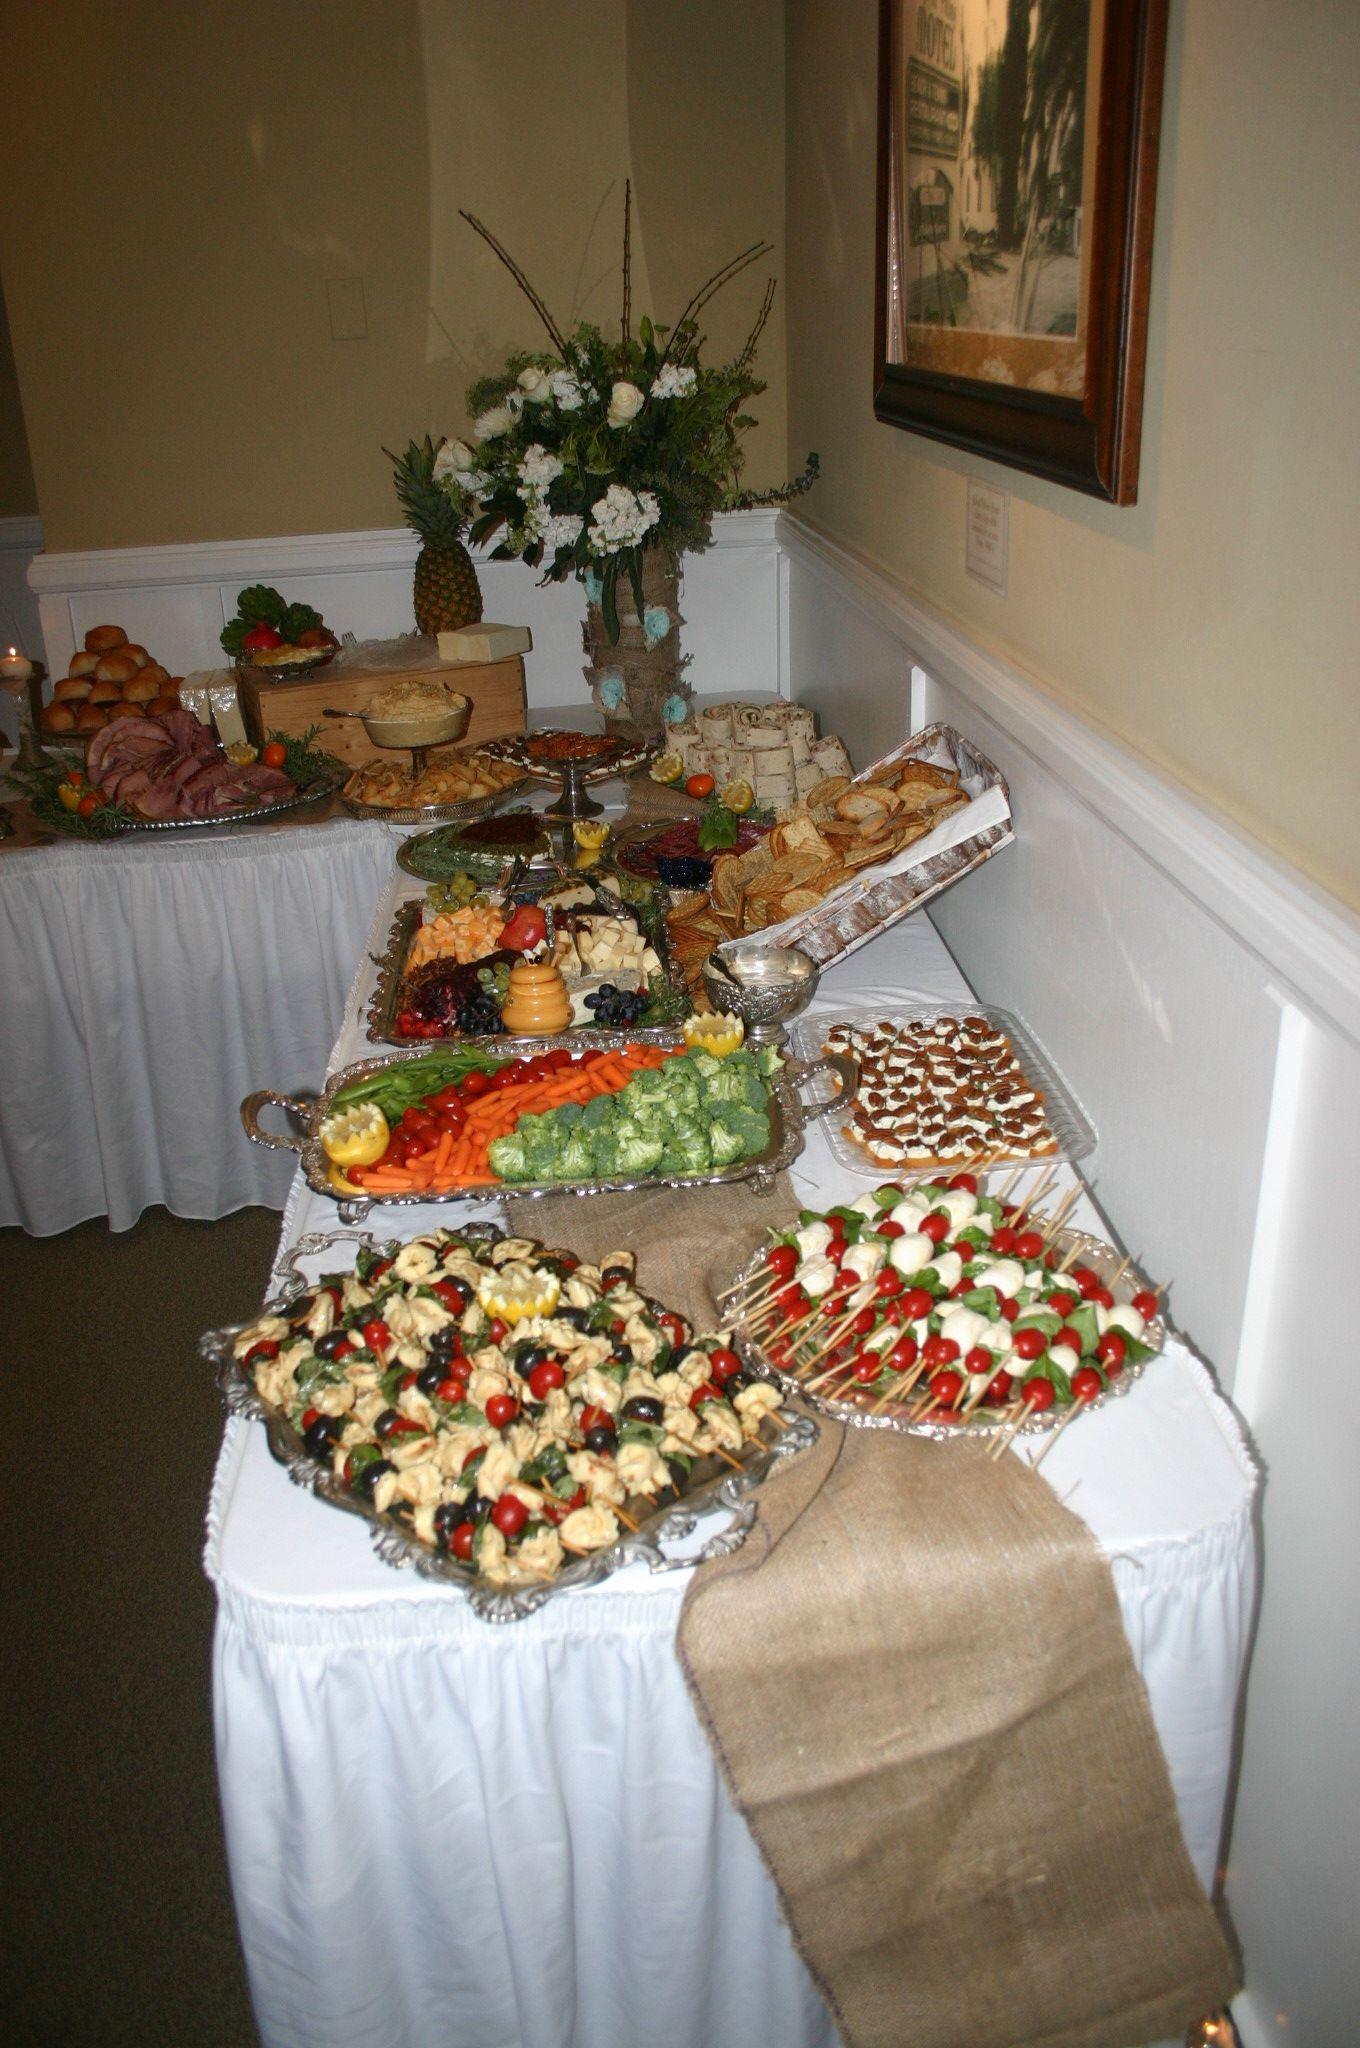 Diy wedding table decorations ideas  DIY wedding food ideas  caprese or fruit skewers Buy skewers at